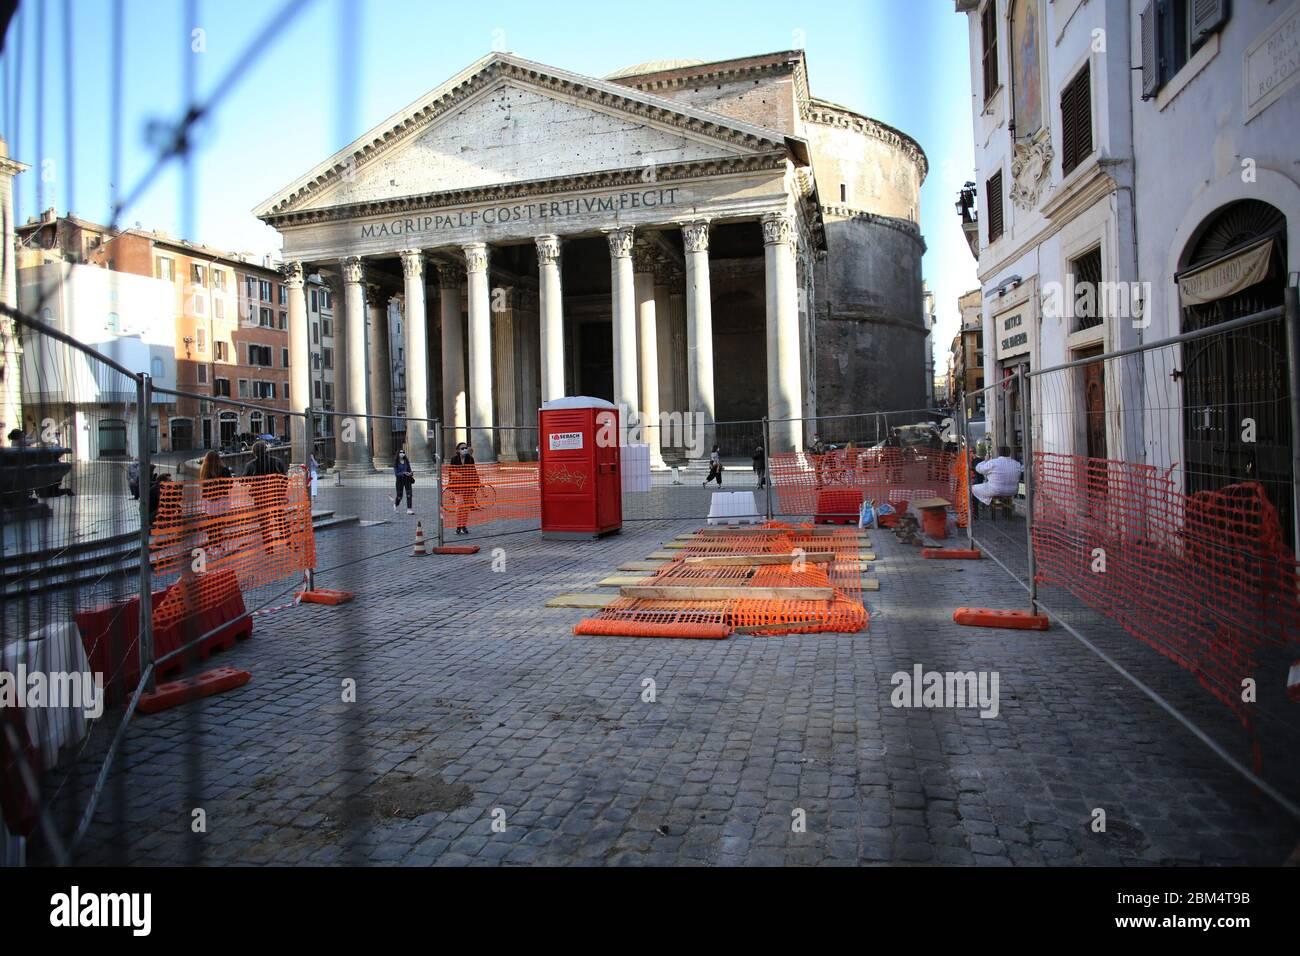 Italia. 06th May, 2020. Roma, Italy 6 maggio 2020: Lavori a piazza del Phanteon, ritrovato un antico pavimento imperiale, durante la fase 2 dell'emergenza Covid-19, dopo due mesi di quarantena nella città di Roma. Credit: Independent Photo Agency/Alamy Live News Stock Photo